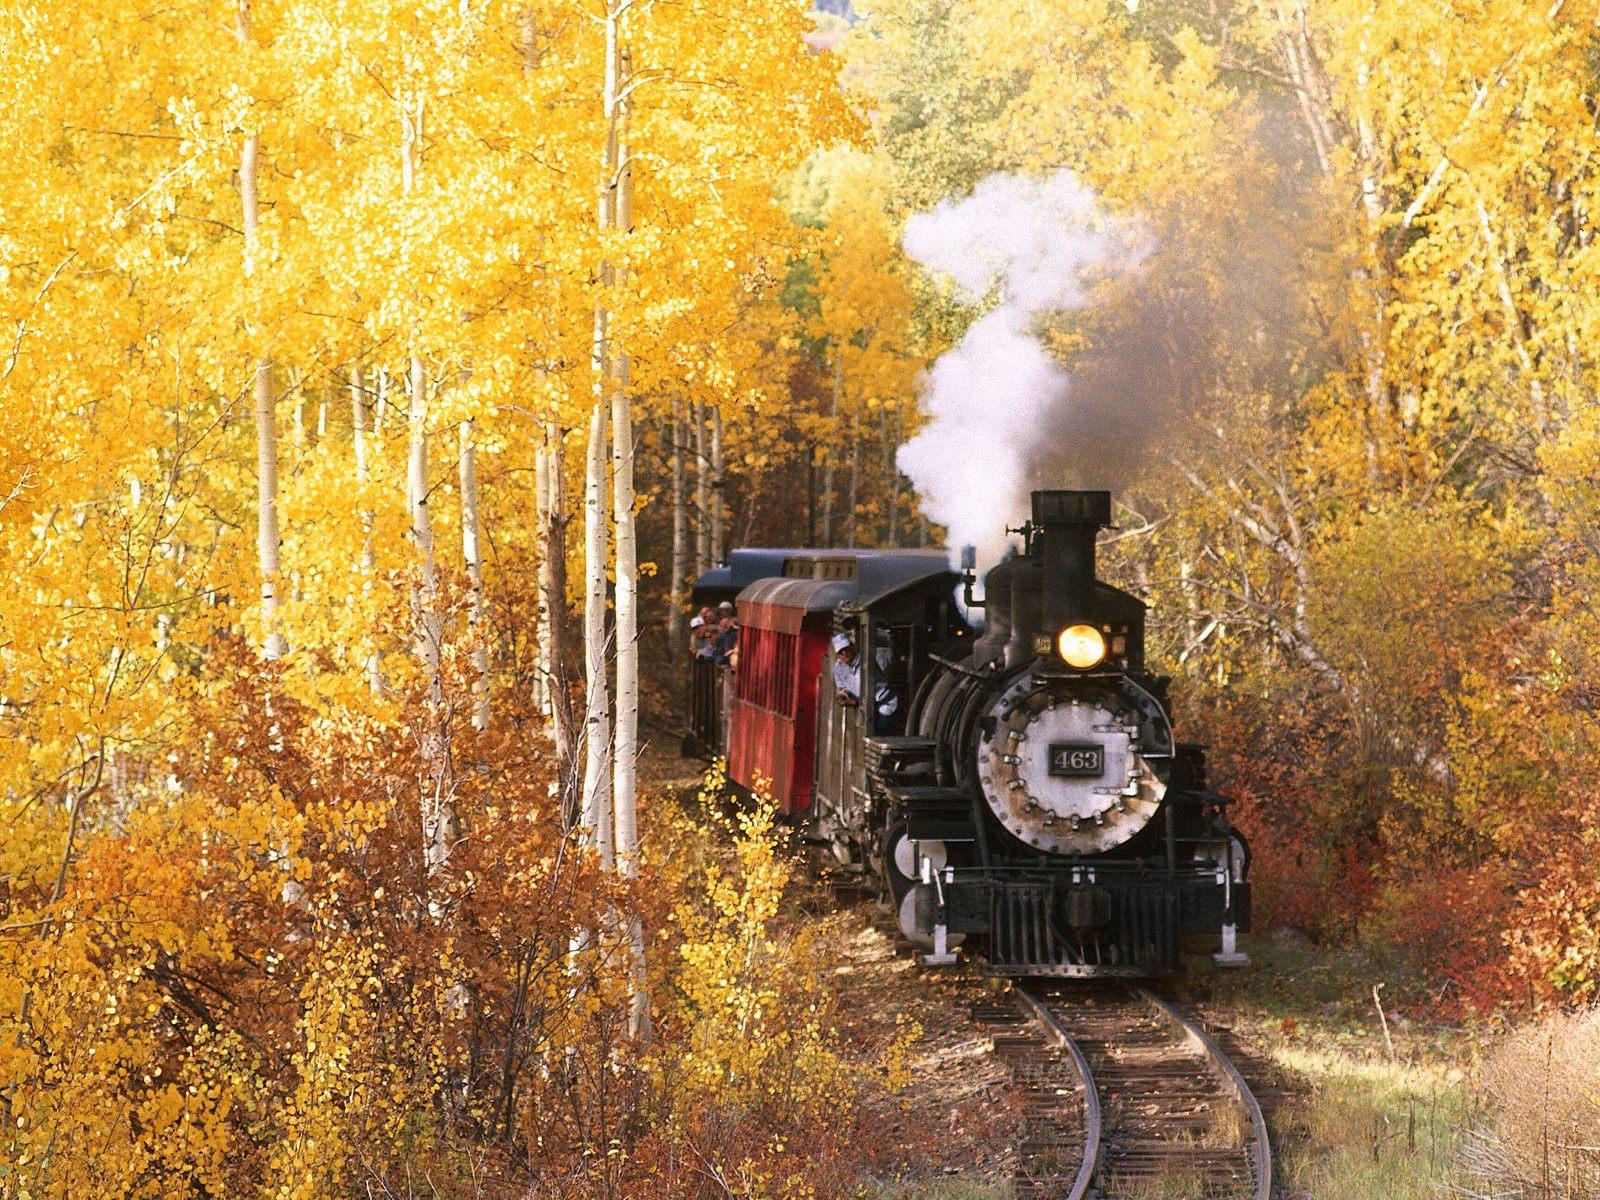 Desktop wallpaper downloads Cumbres Toltec Scenic Railroad New 1600x1200